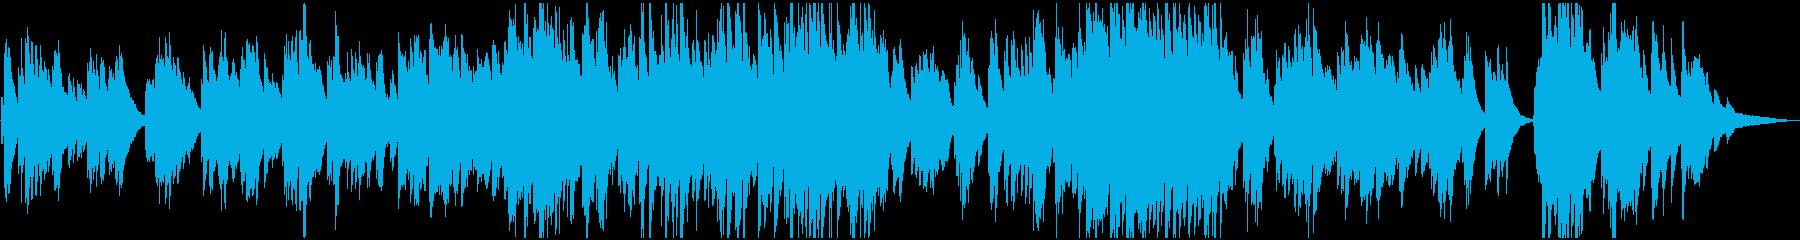 映画・ゲーム 切ないピアノバラードの再生済みの波形